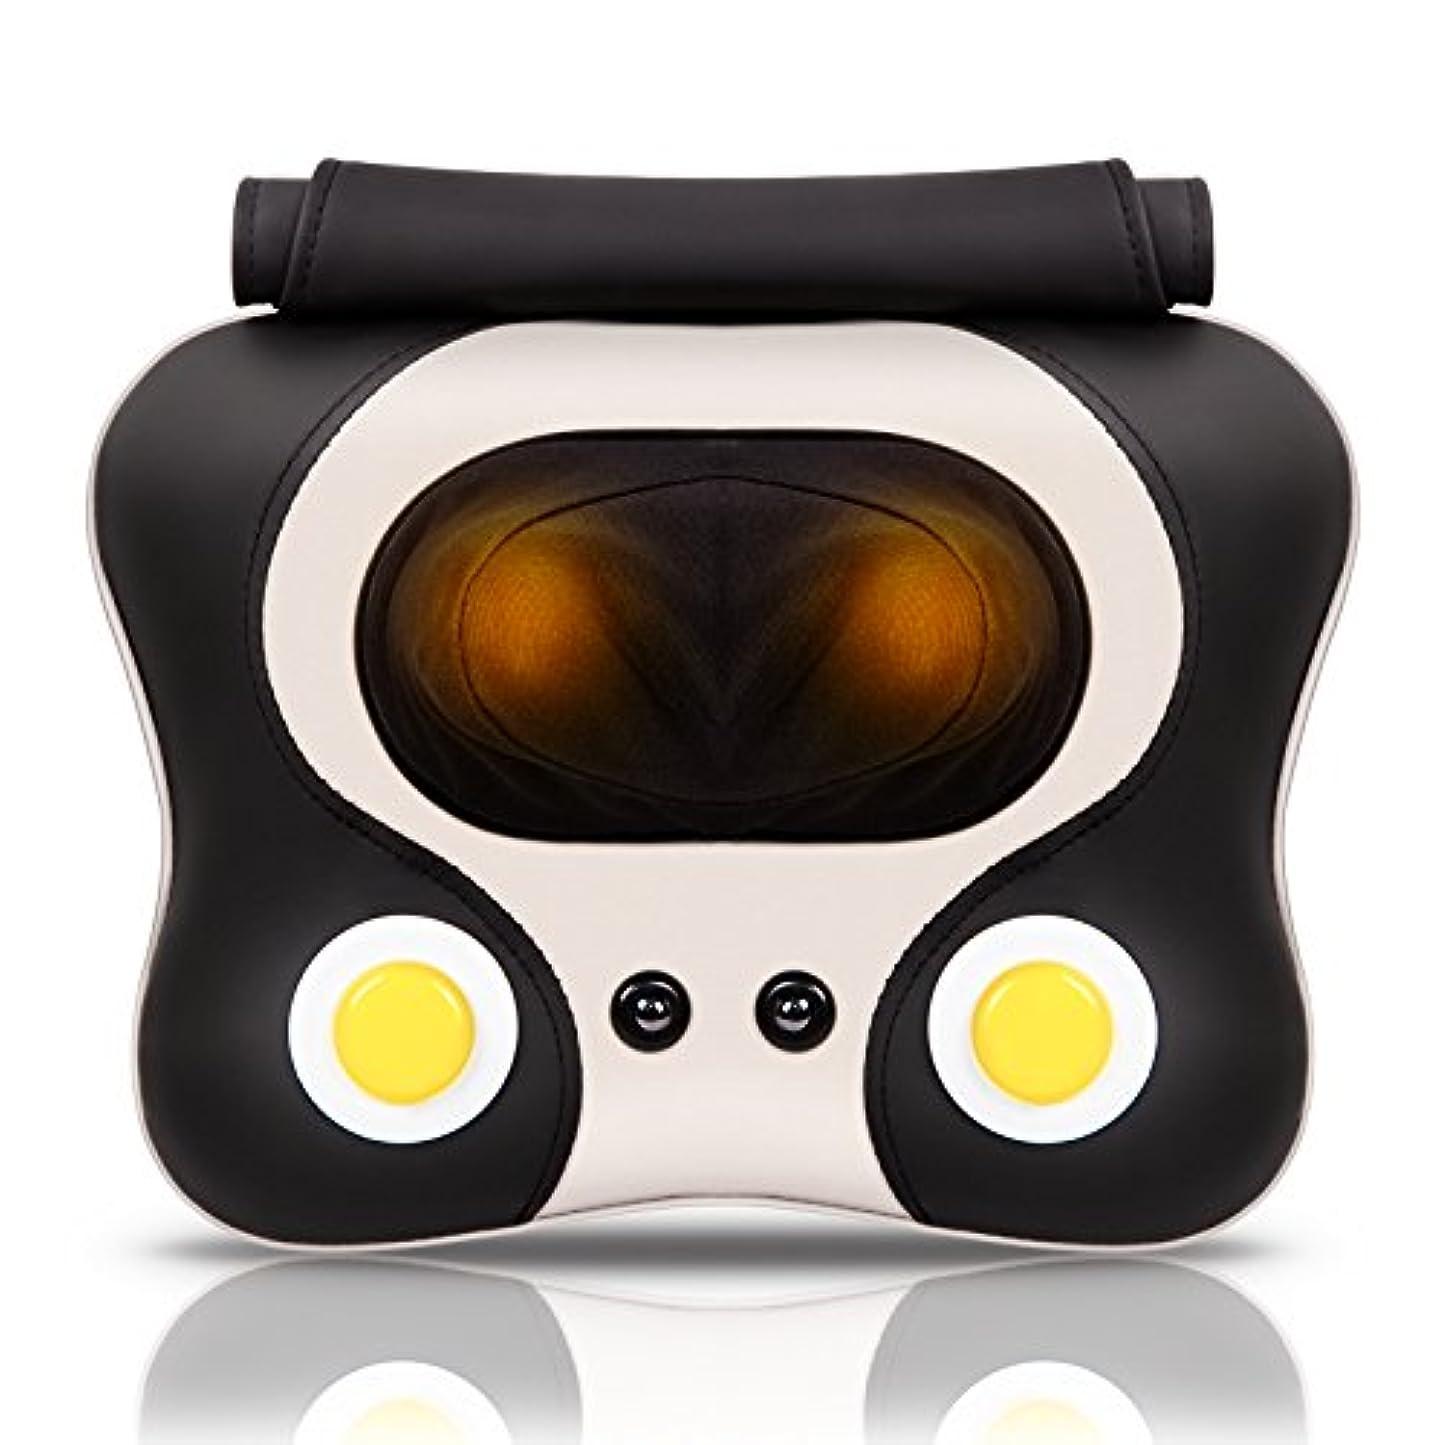 リングバックシンジケート綺麗なHAIZHEN マッサージチェア 全身用マッサージピロー電動ネックマッサージ混和指圧マッサージ(3色) (色 : B)